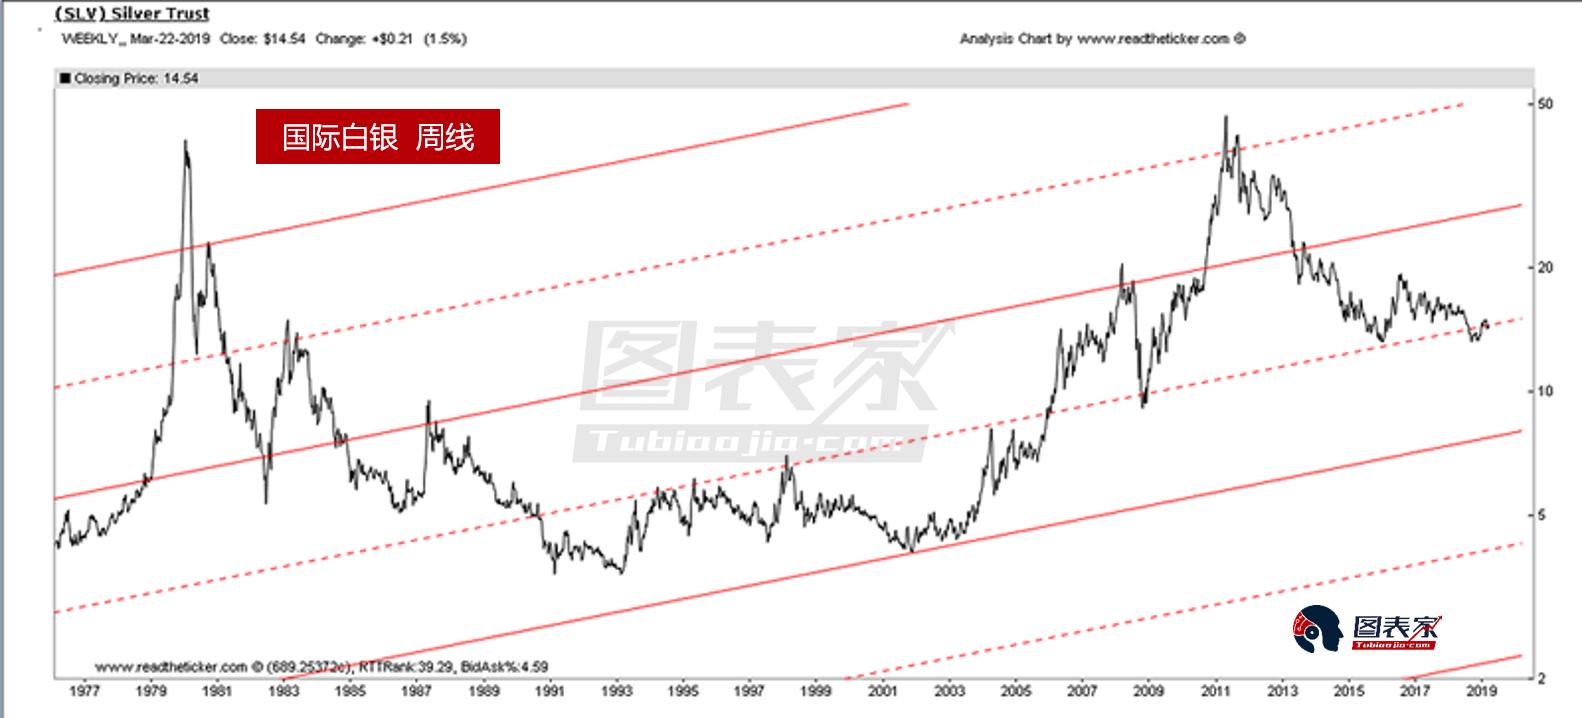 图中有多条上升趋势线,可以看到白银正测试其中一条上升趋势线支撑,预计银价将受支撑反弹,上方阻力位见较近上升趋势线,即白银未来或将看涨至30美元。